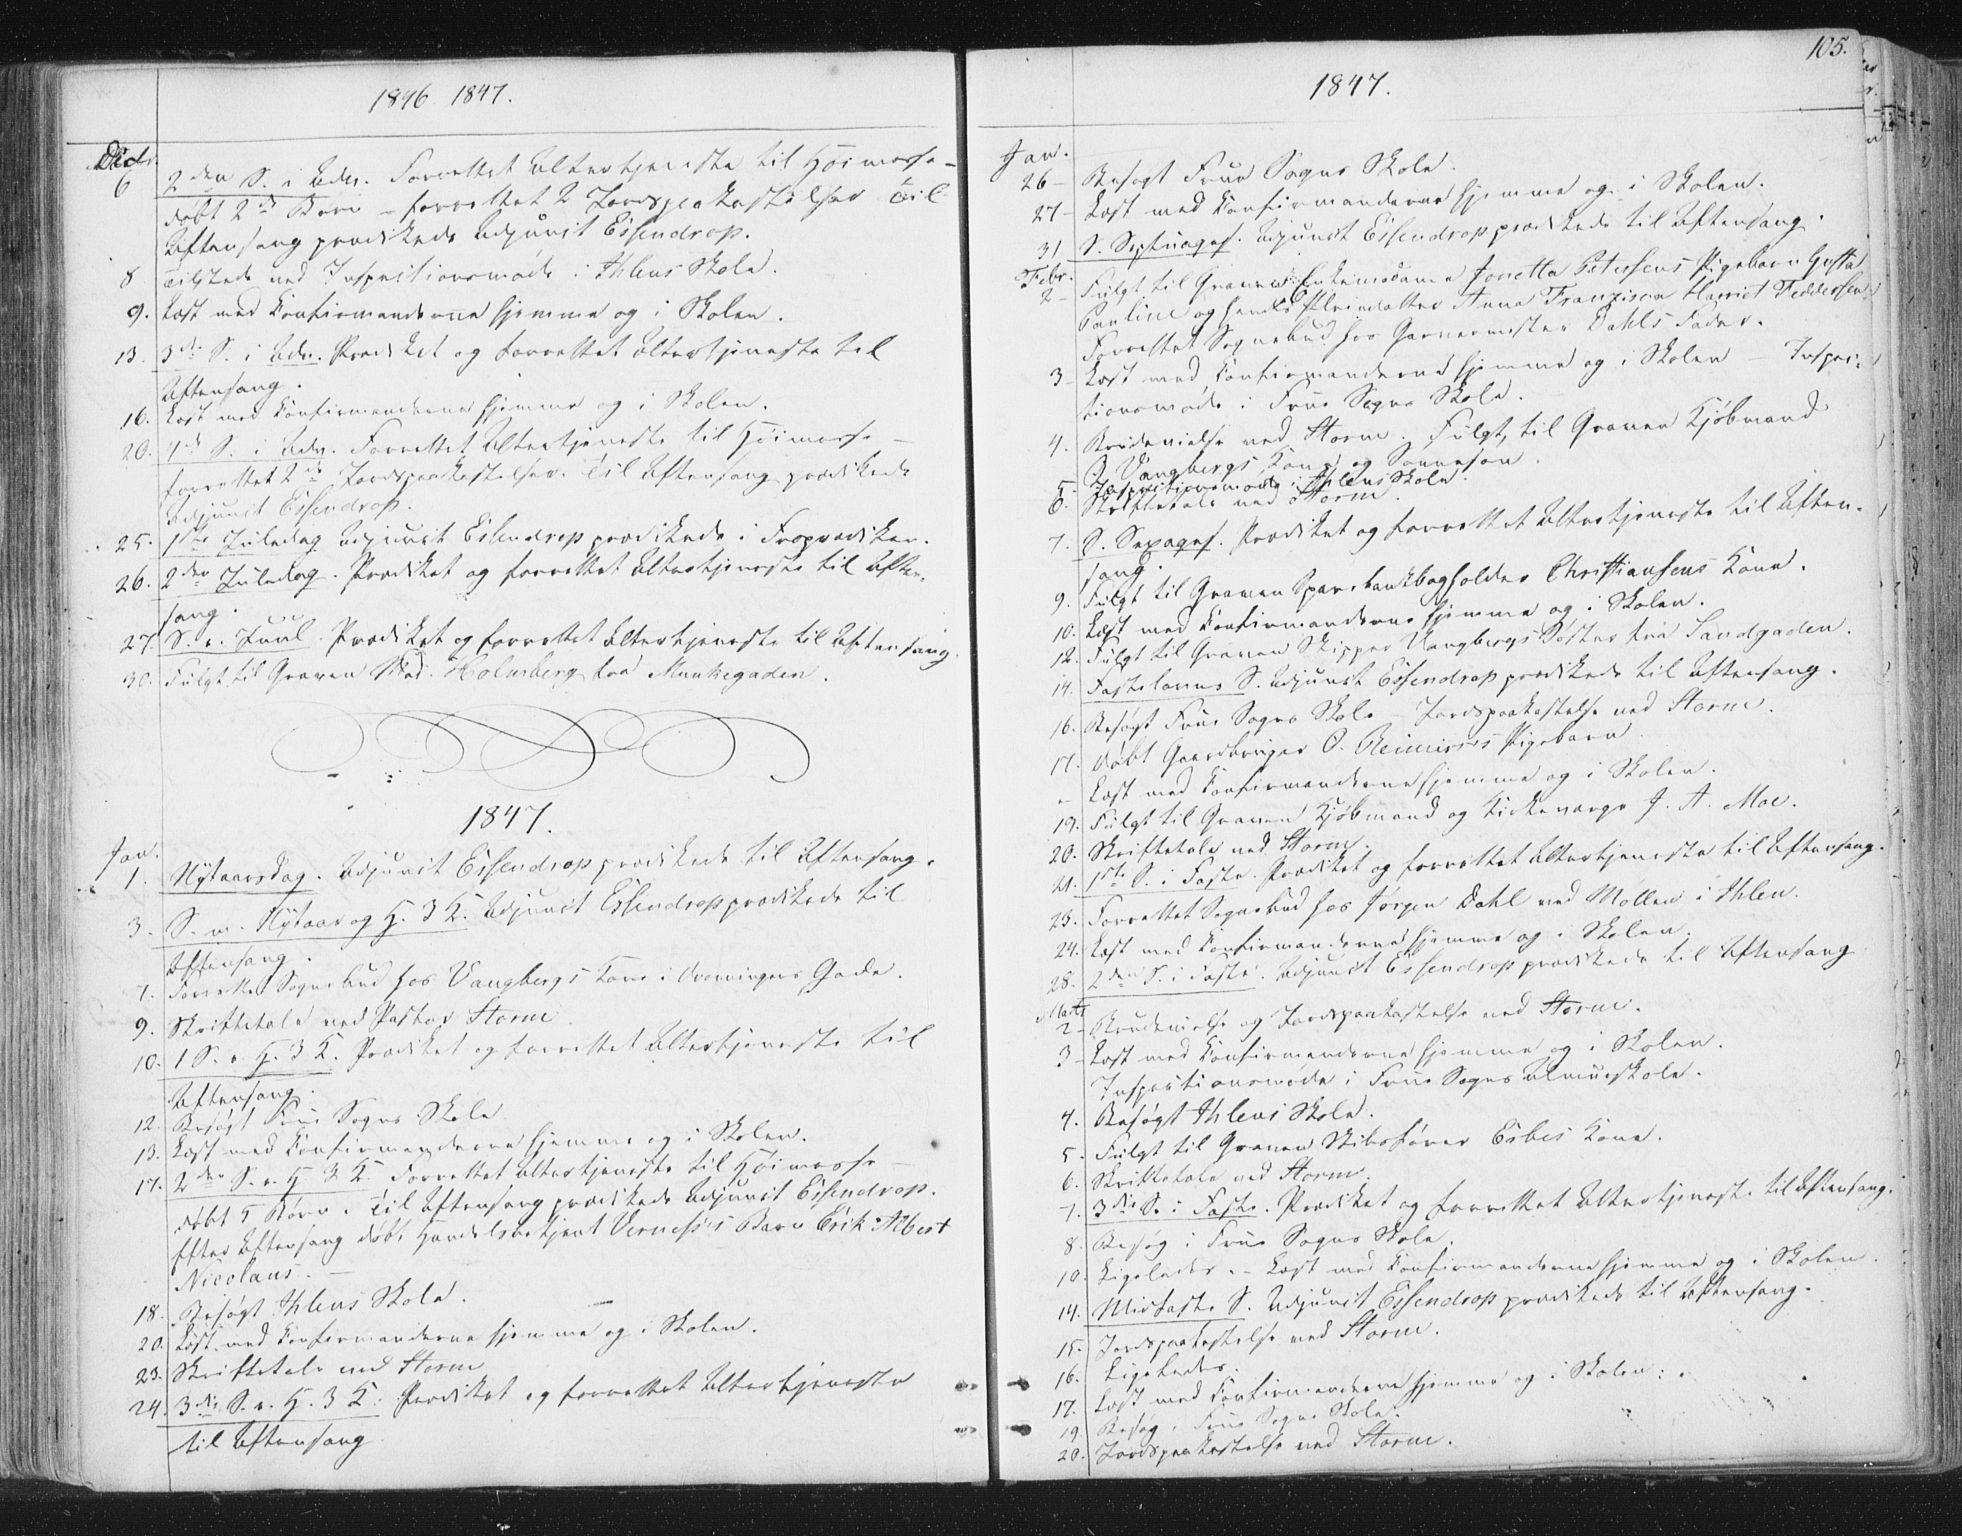 SAT, Ministerialprotokoller, klokkerbøker og fødselsregistre - Sør-Trøndelag, 602/L0127: Residerende kapellans bok nr. 602B01, 1821-1875, s. 105